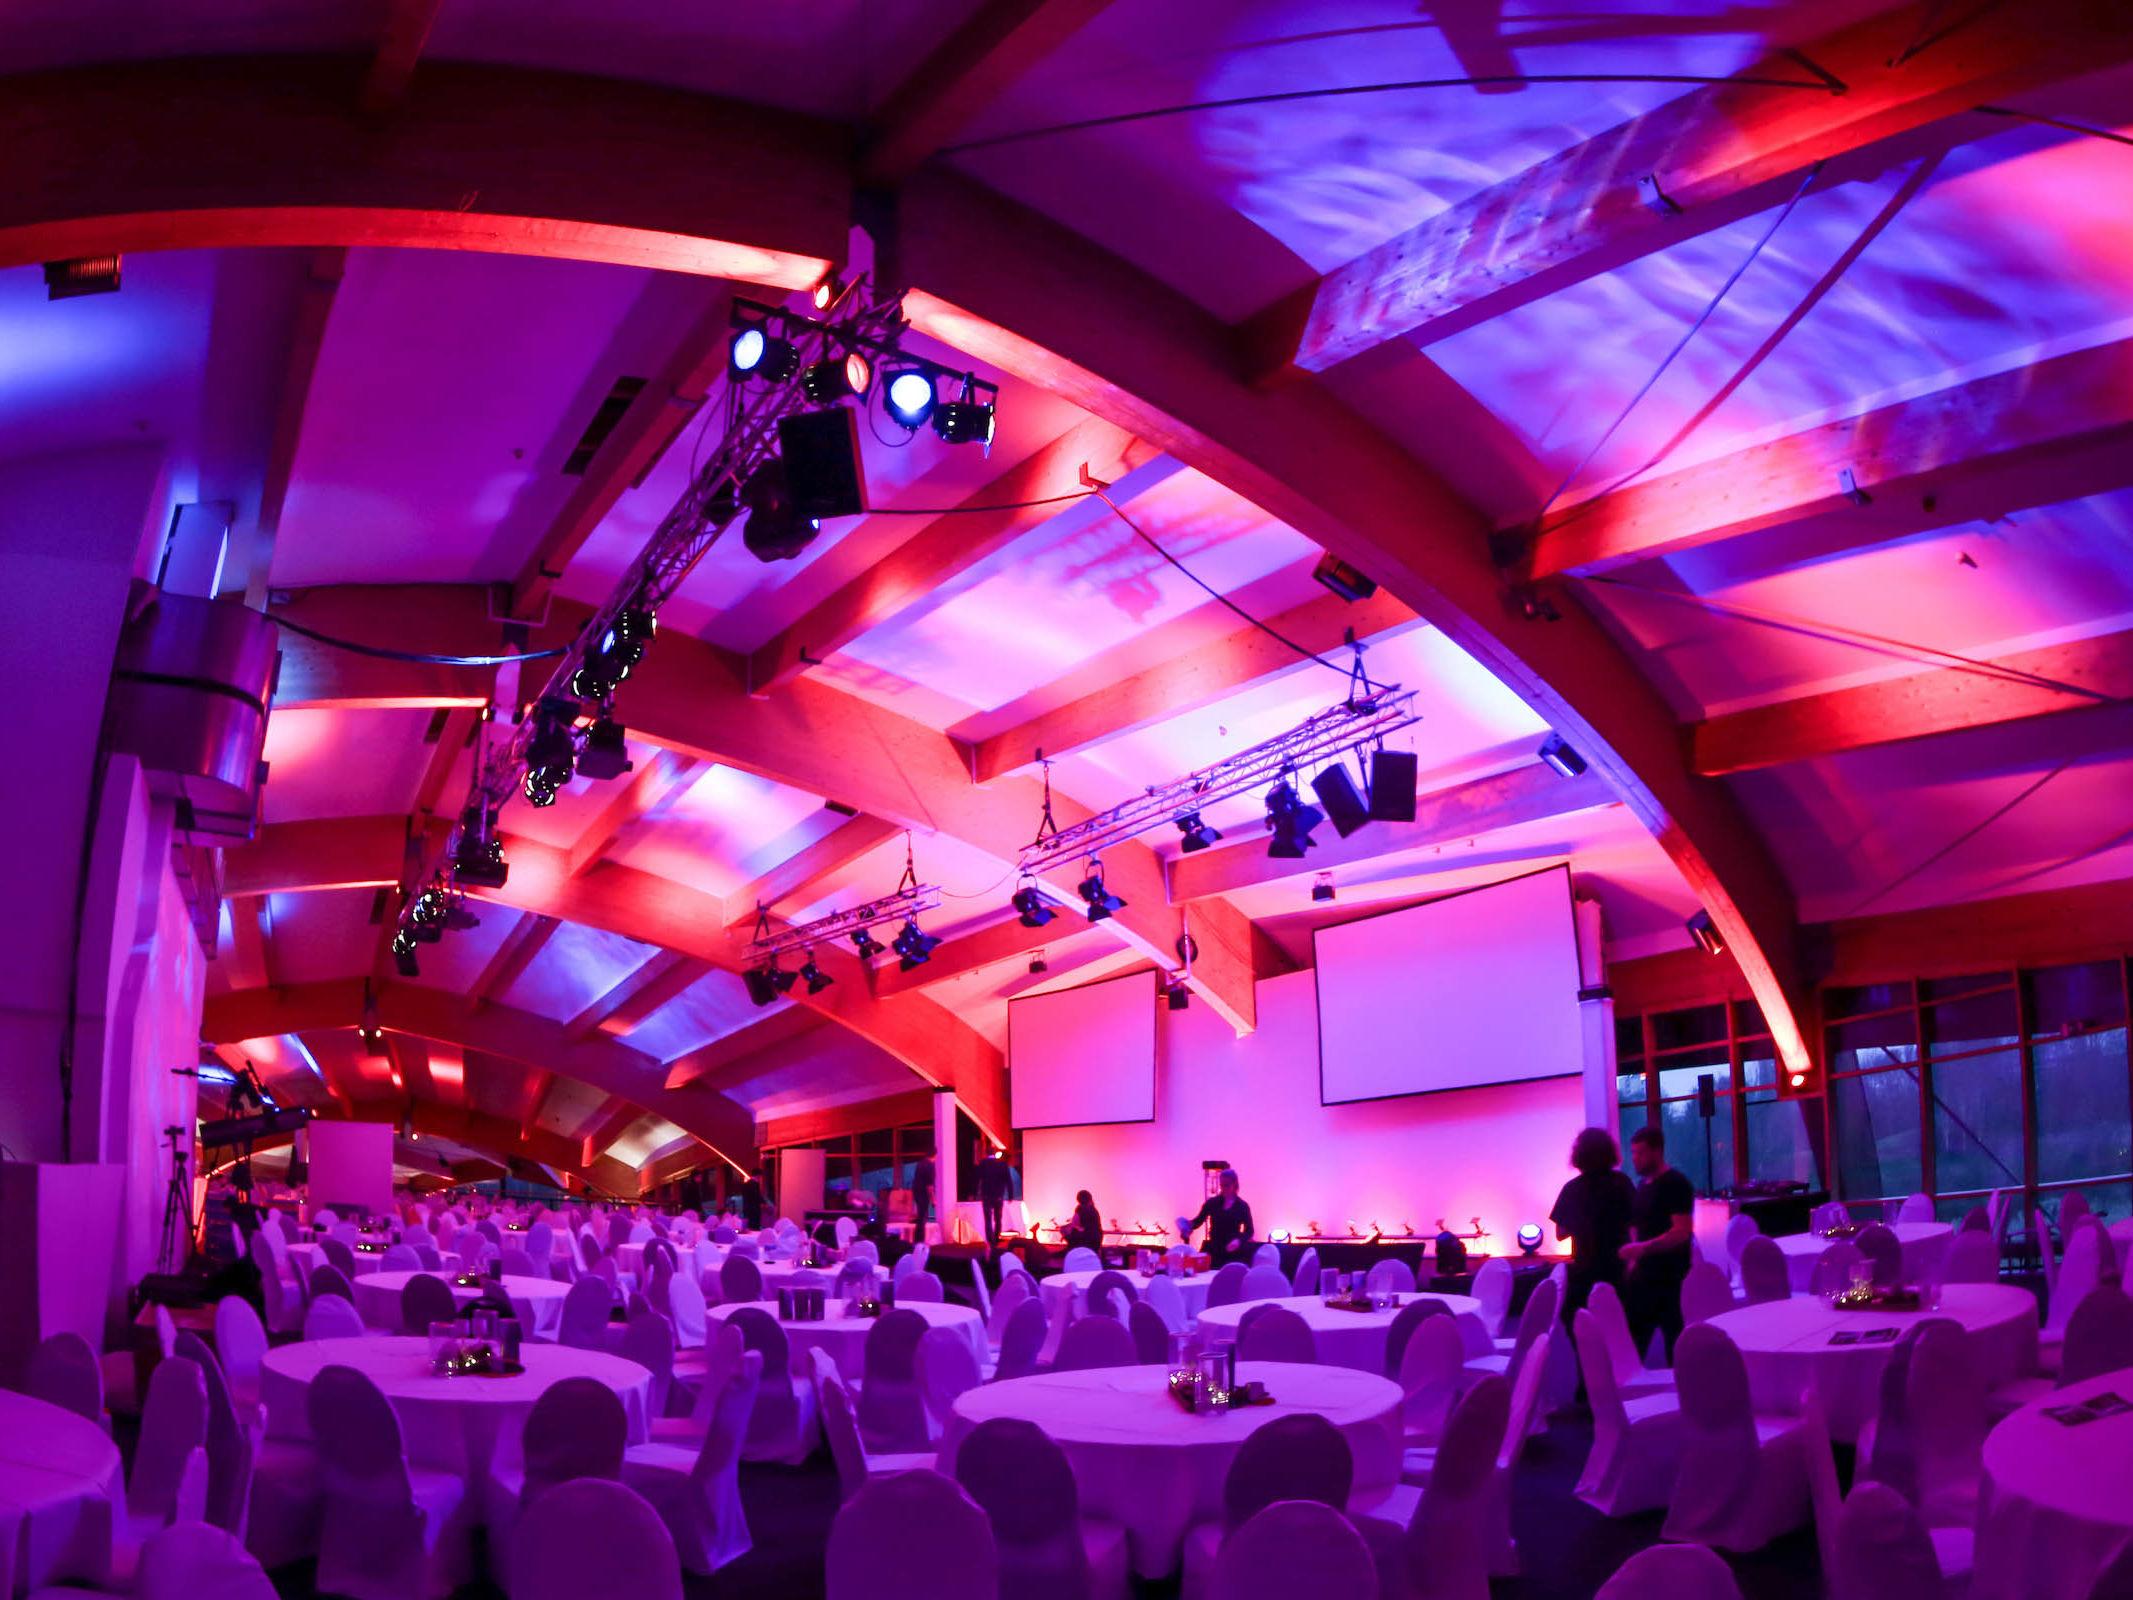 Eventplanung   Eventaustattung   Eventplaner   Firmenfeier   Modenschau   Kongress   Preisverleihung   Veranstaltungstechnik   Hannover   Lichttechnik   Tontechnik   Event   Mieten   Buchen